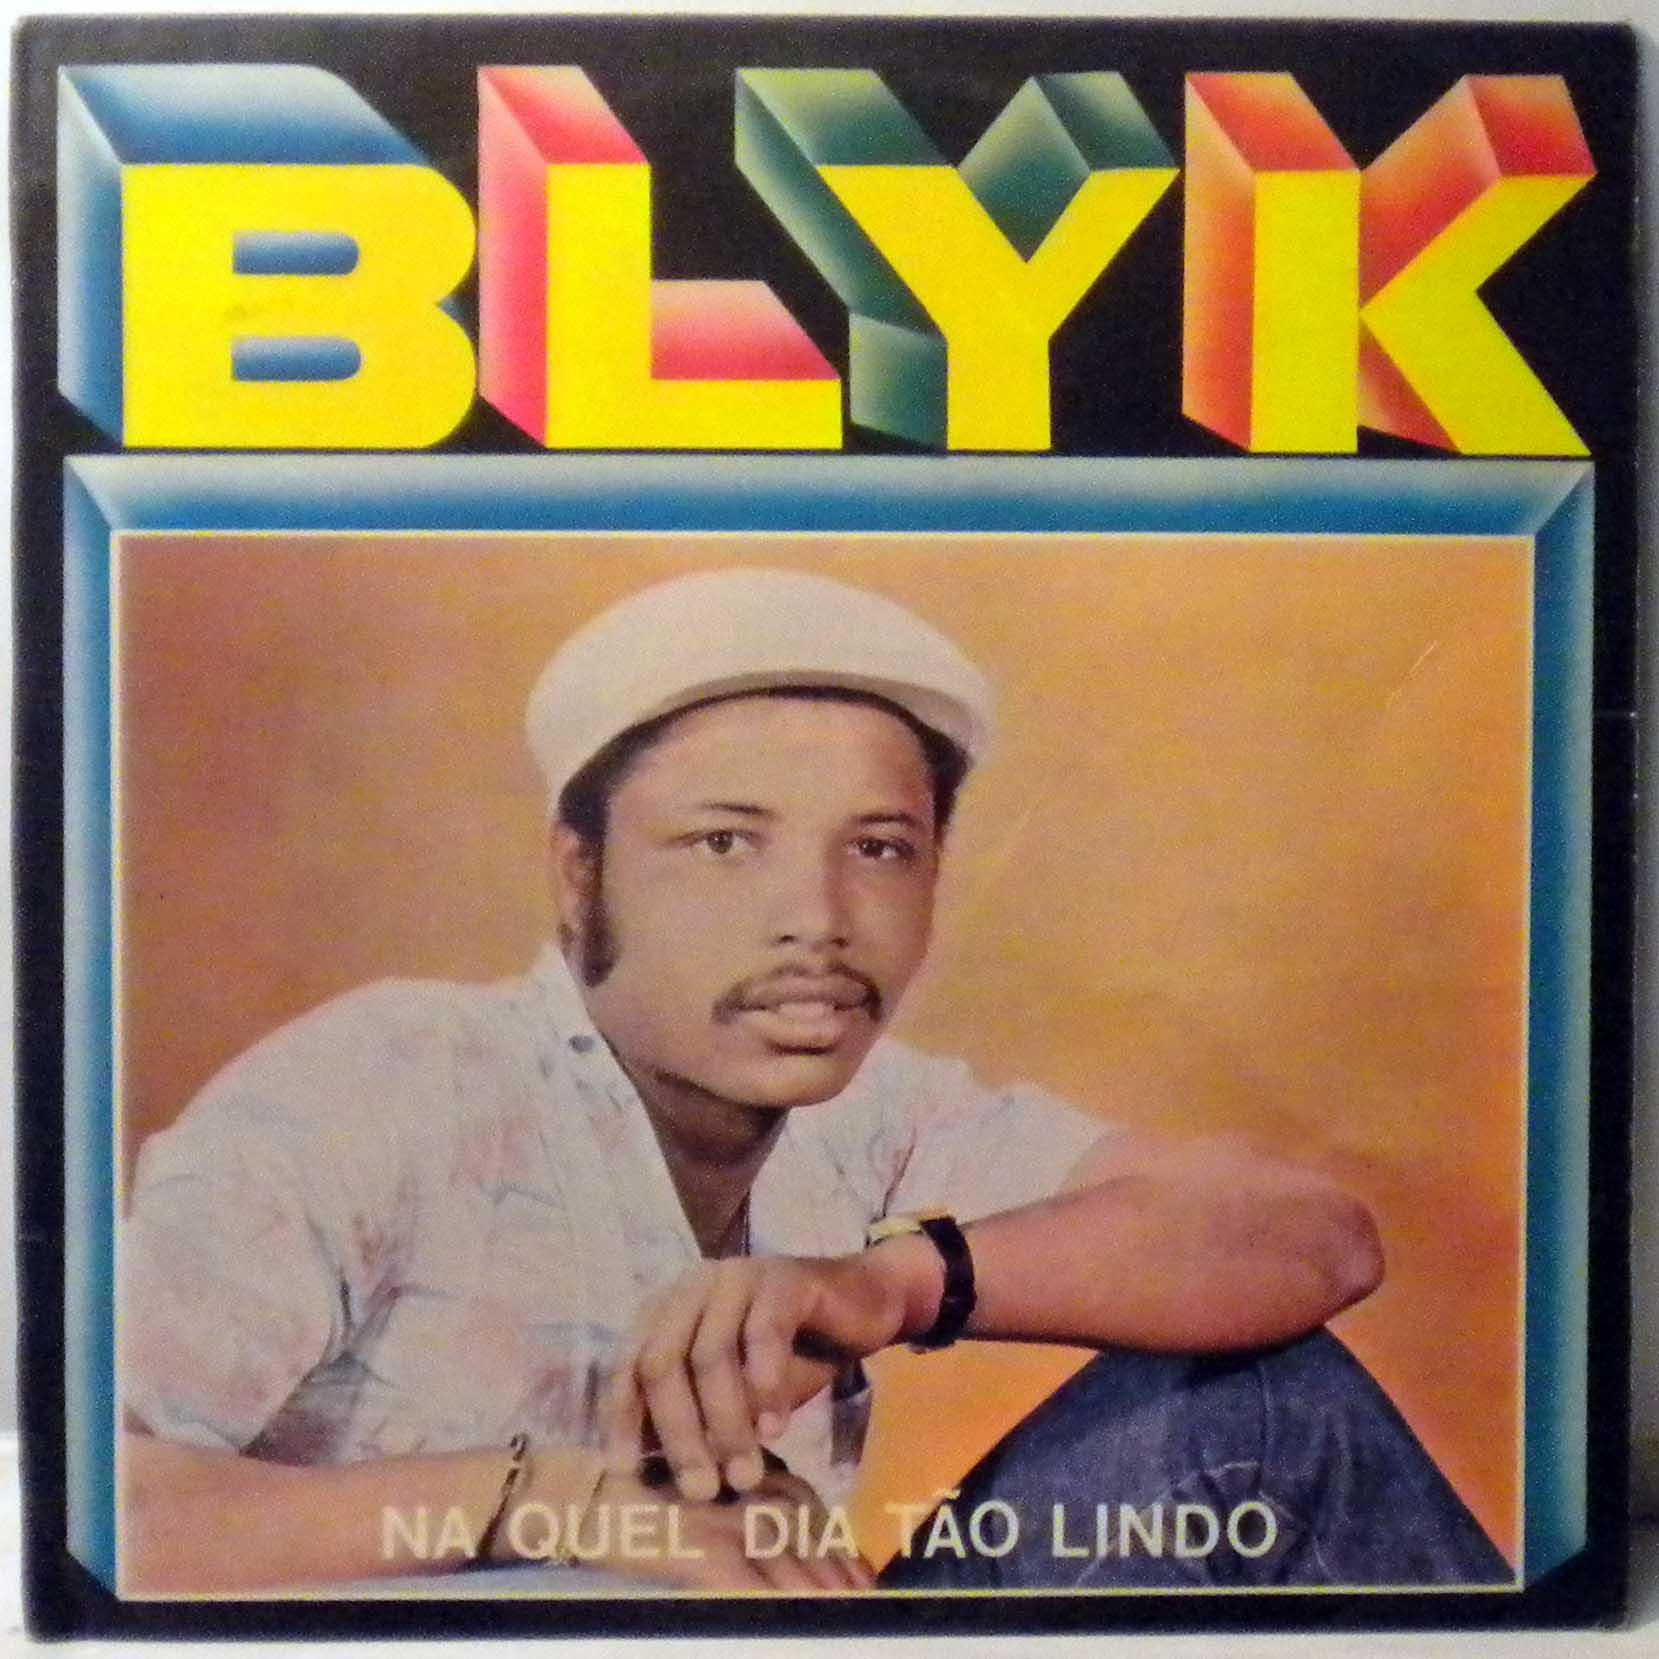 BLYK TCHUTCHI - Na quel dia tao lindo - LP